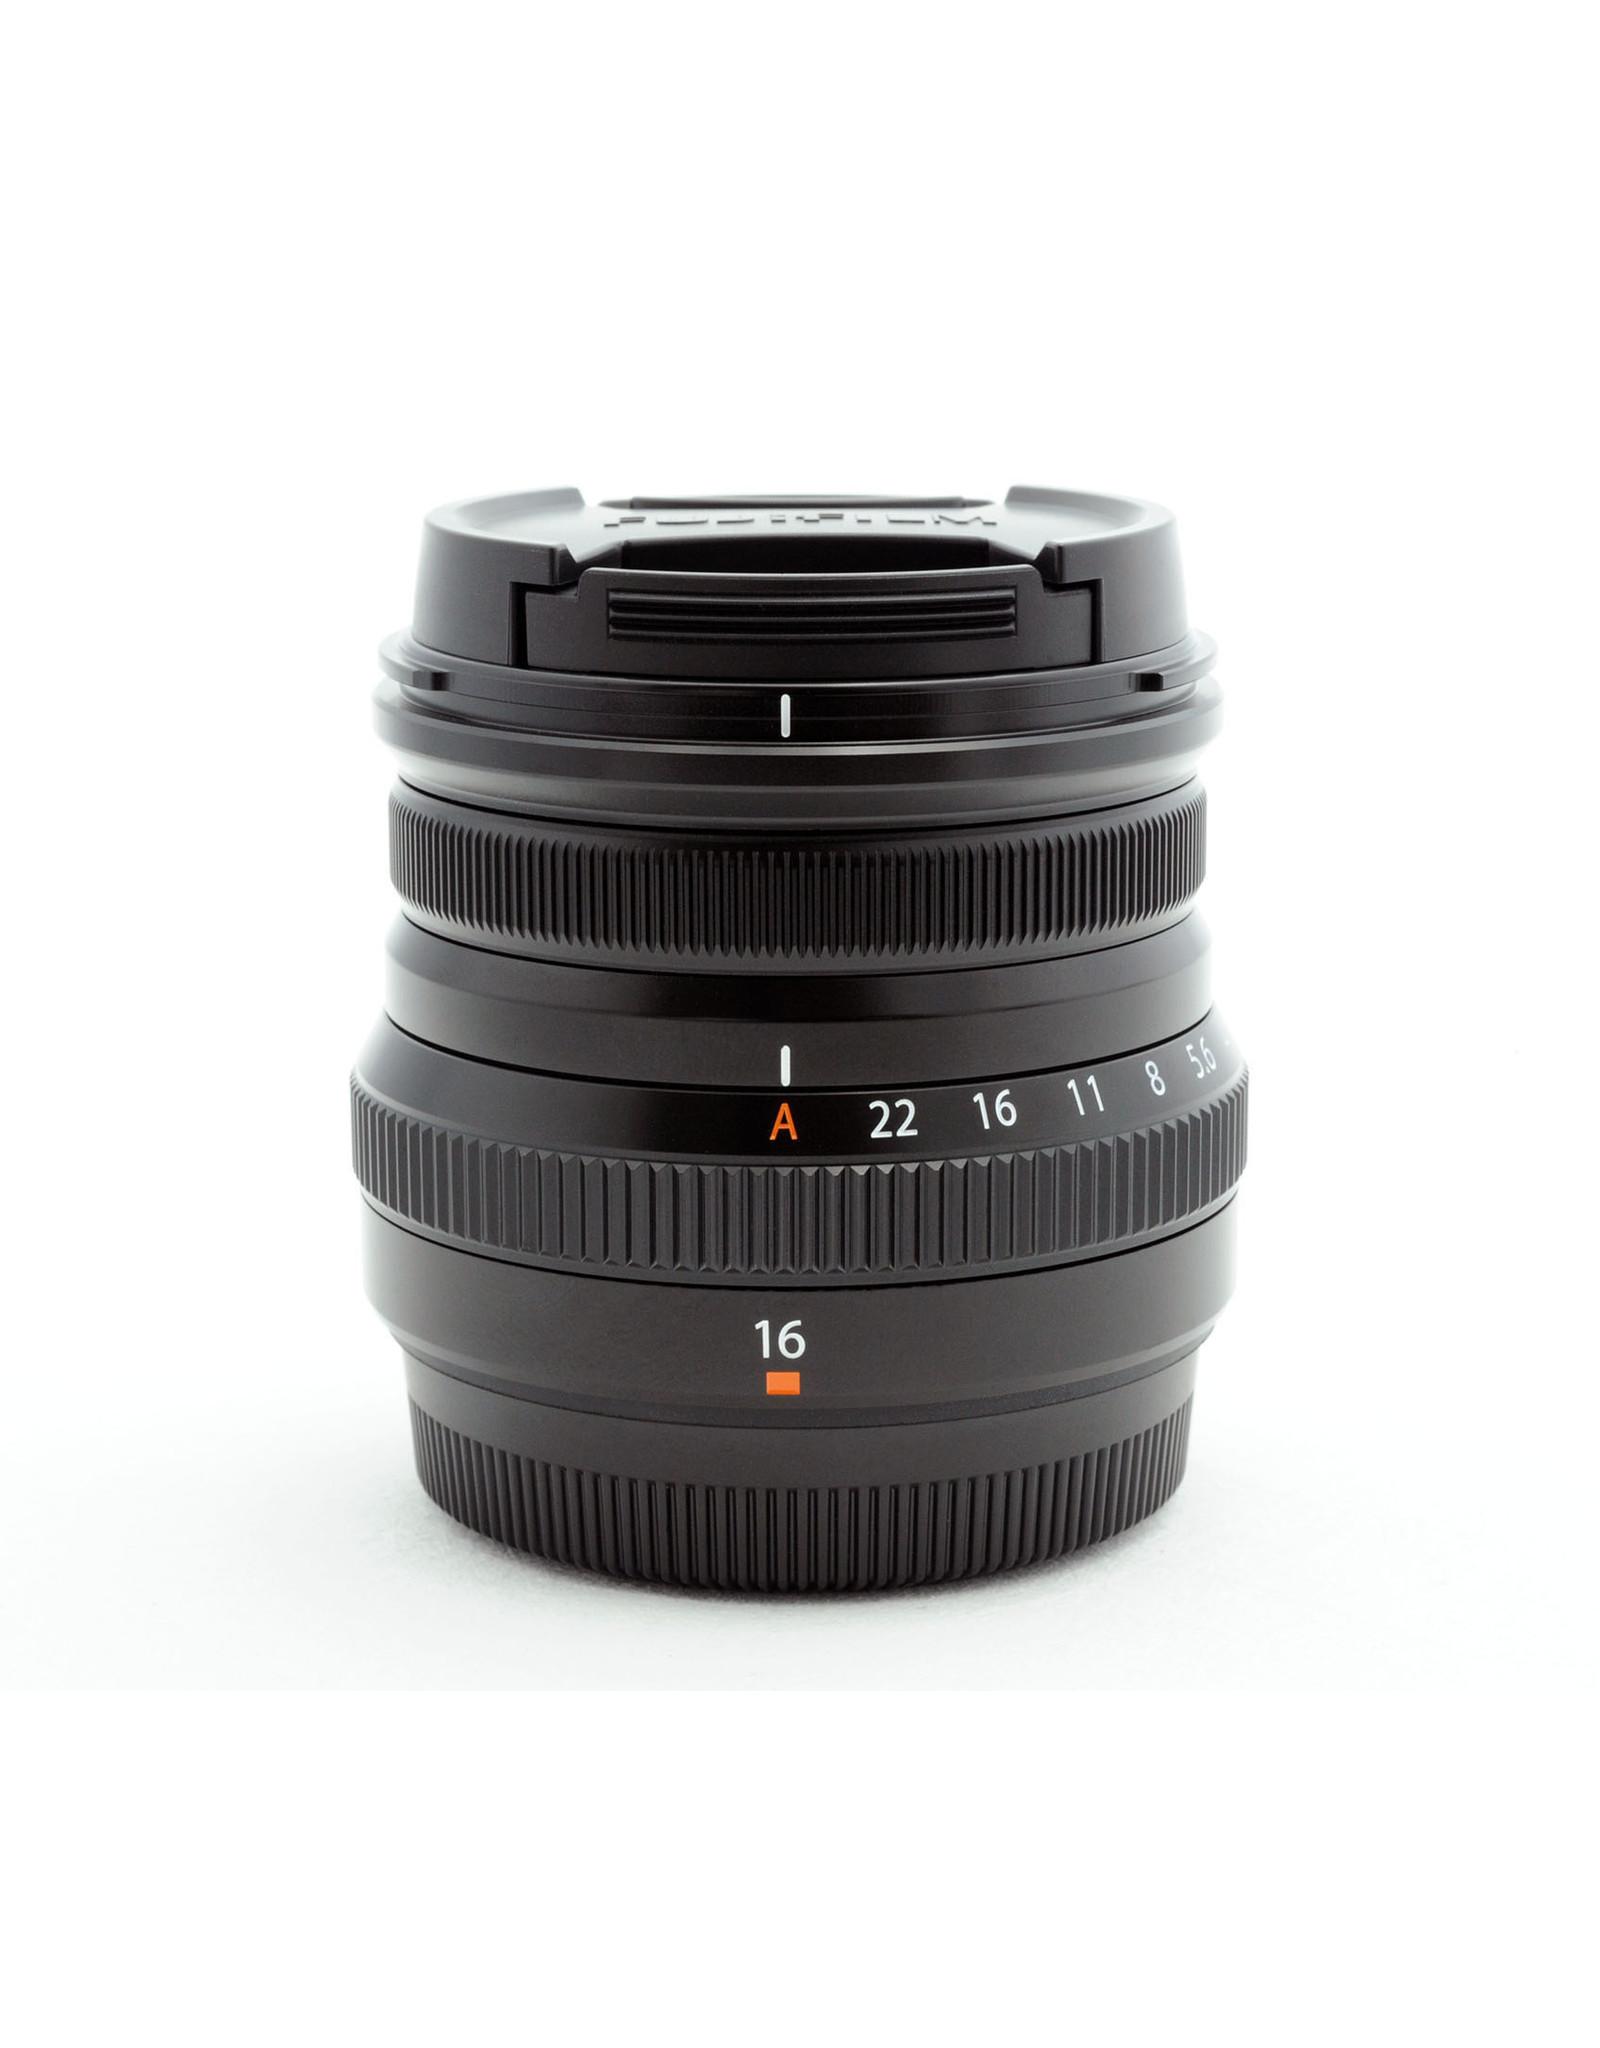 Fuji Fuji XF16mm f2.8 R WR Black 16611667